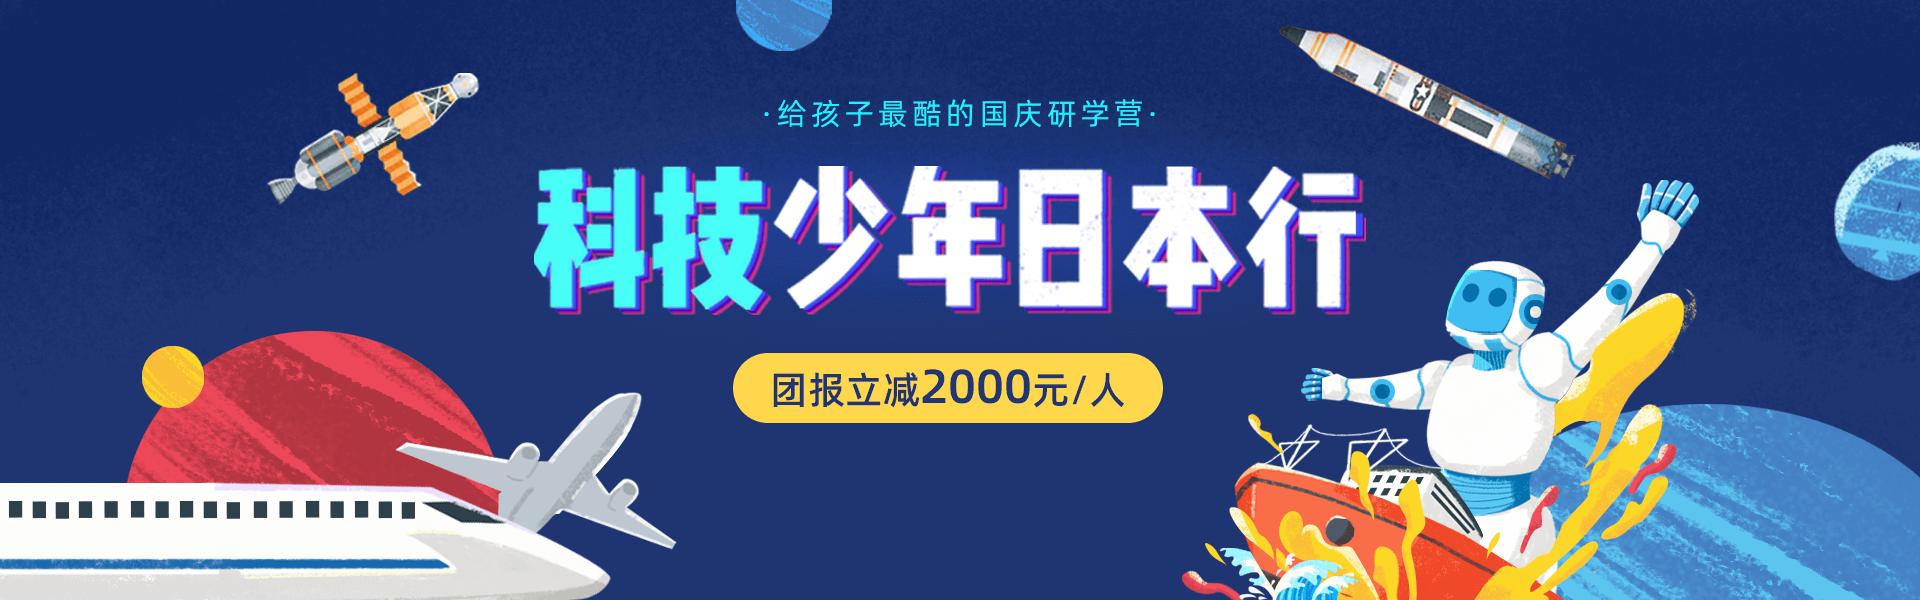 科技少年日本行-团报